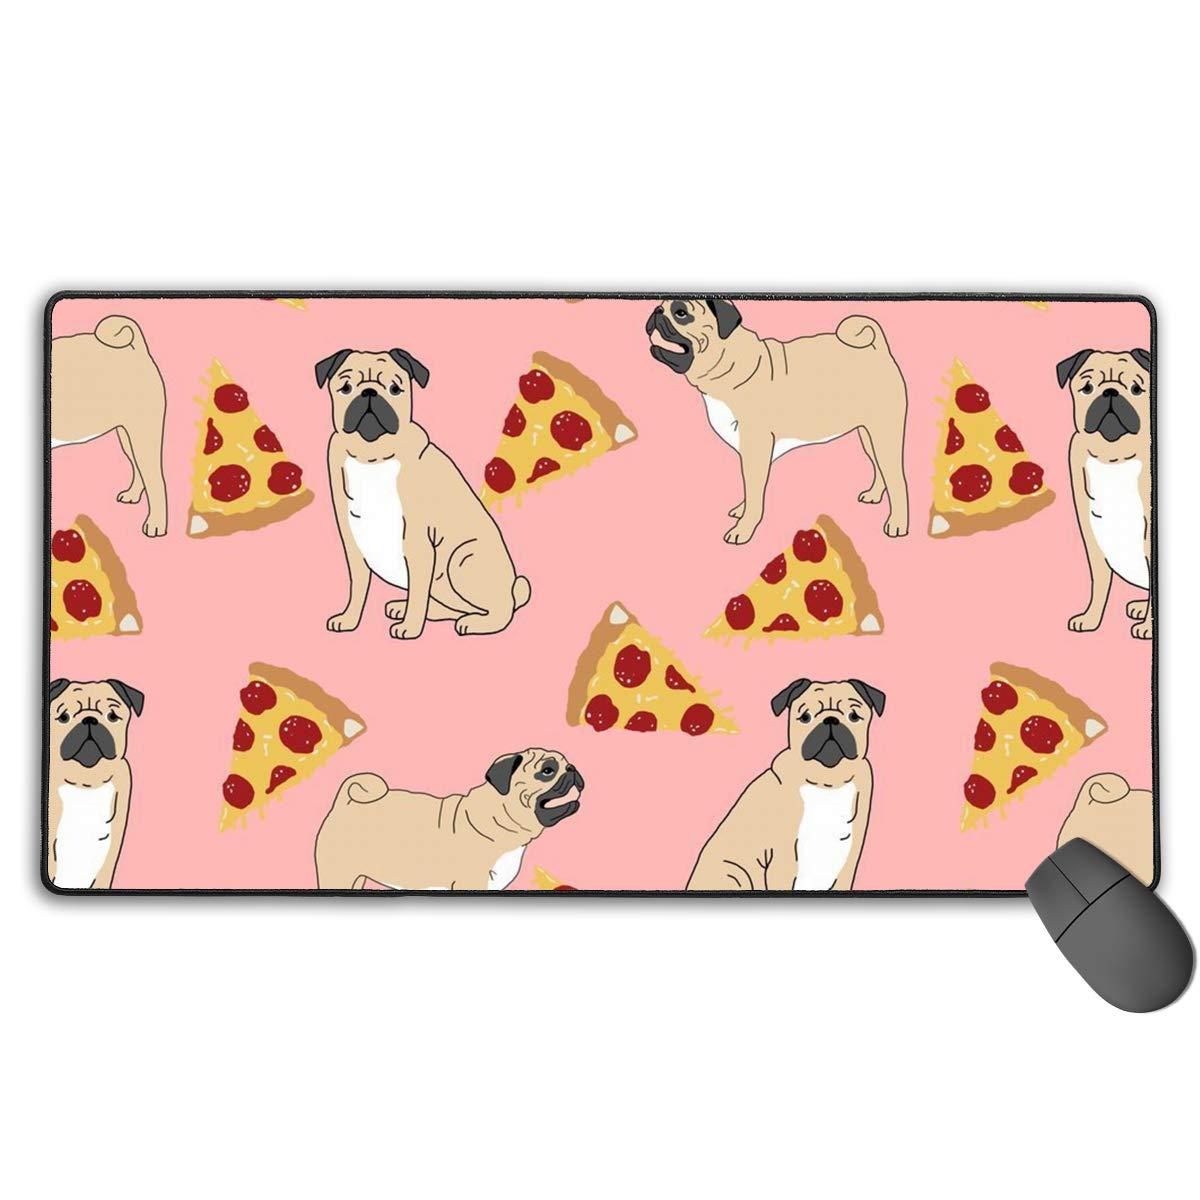 オフィスコンピュータ&PC用厚手大型マウスパッド プレミアムテクスチャードマウスマット 大型 ステッチエッジ ノンスリップゴムベース デスクライティングパッド ゲーム表面に最適化されたマウスパッド 15.7 × 29.5 inch B07NPGLT69 Pug Pizza Pink 15.7 × 29.5 inch